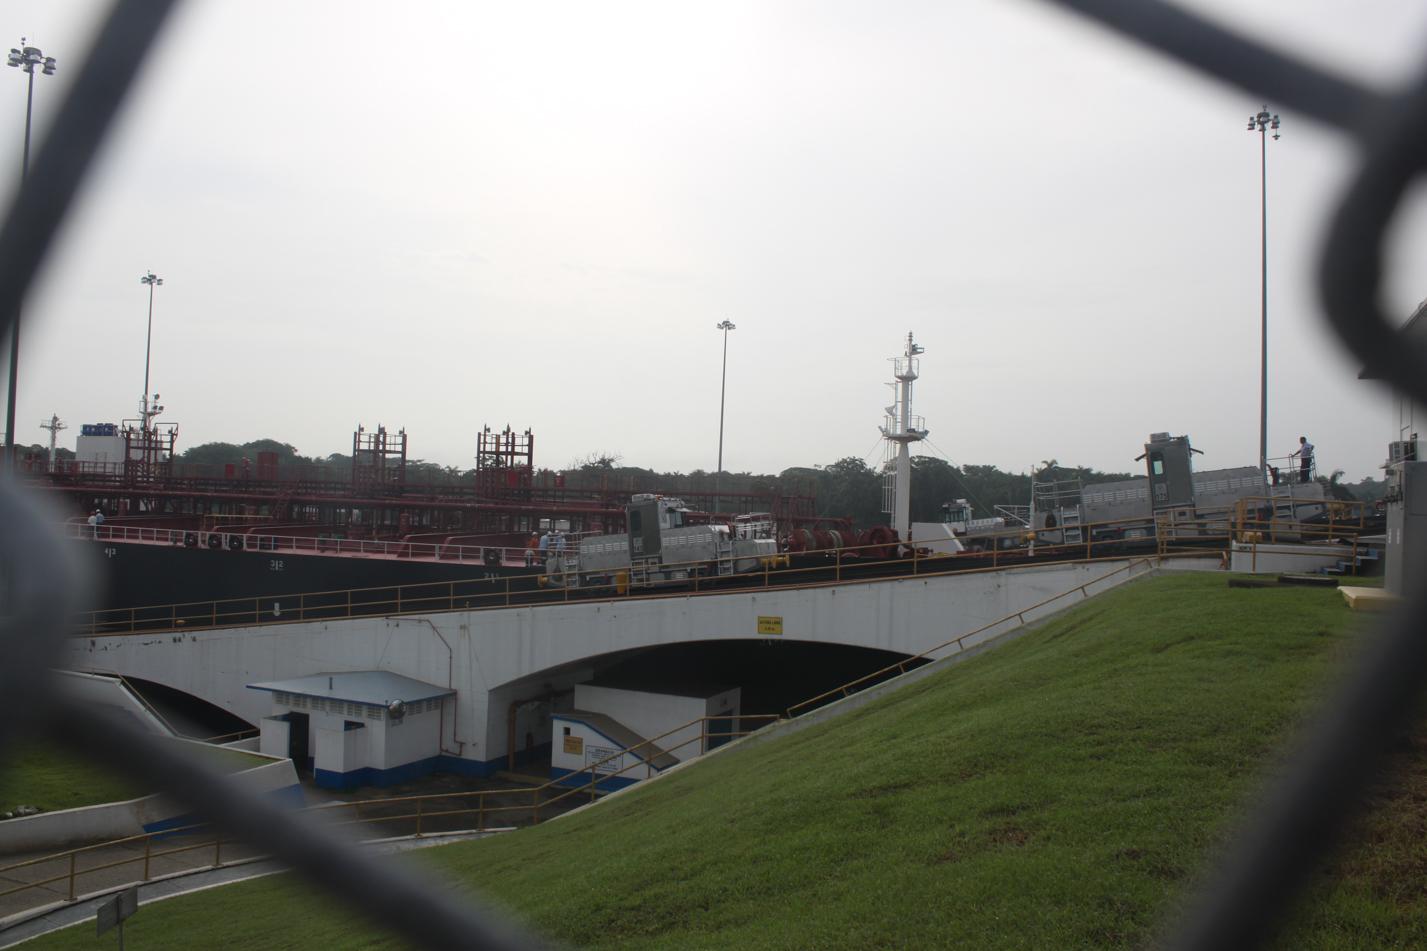 In den Schleusen werden die Frachter durch Lokomotiven manövriert.